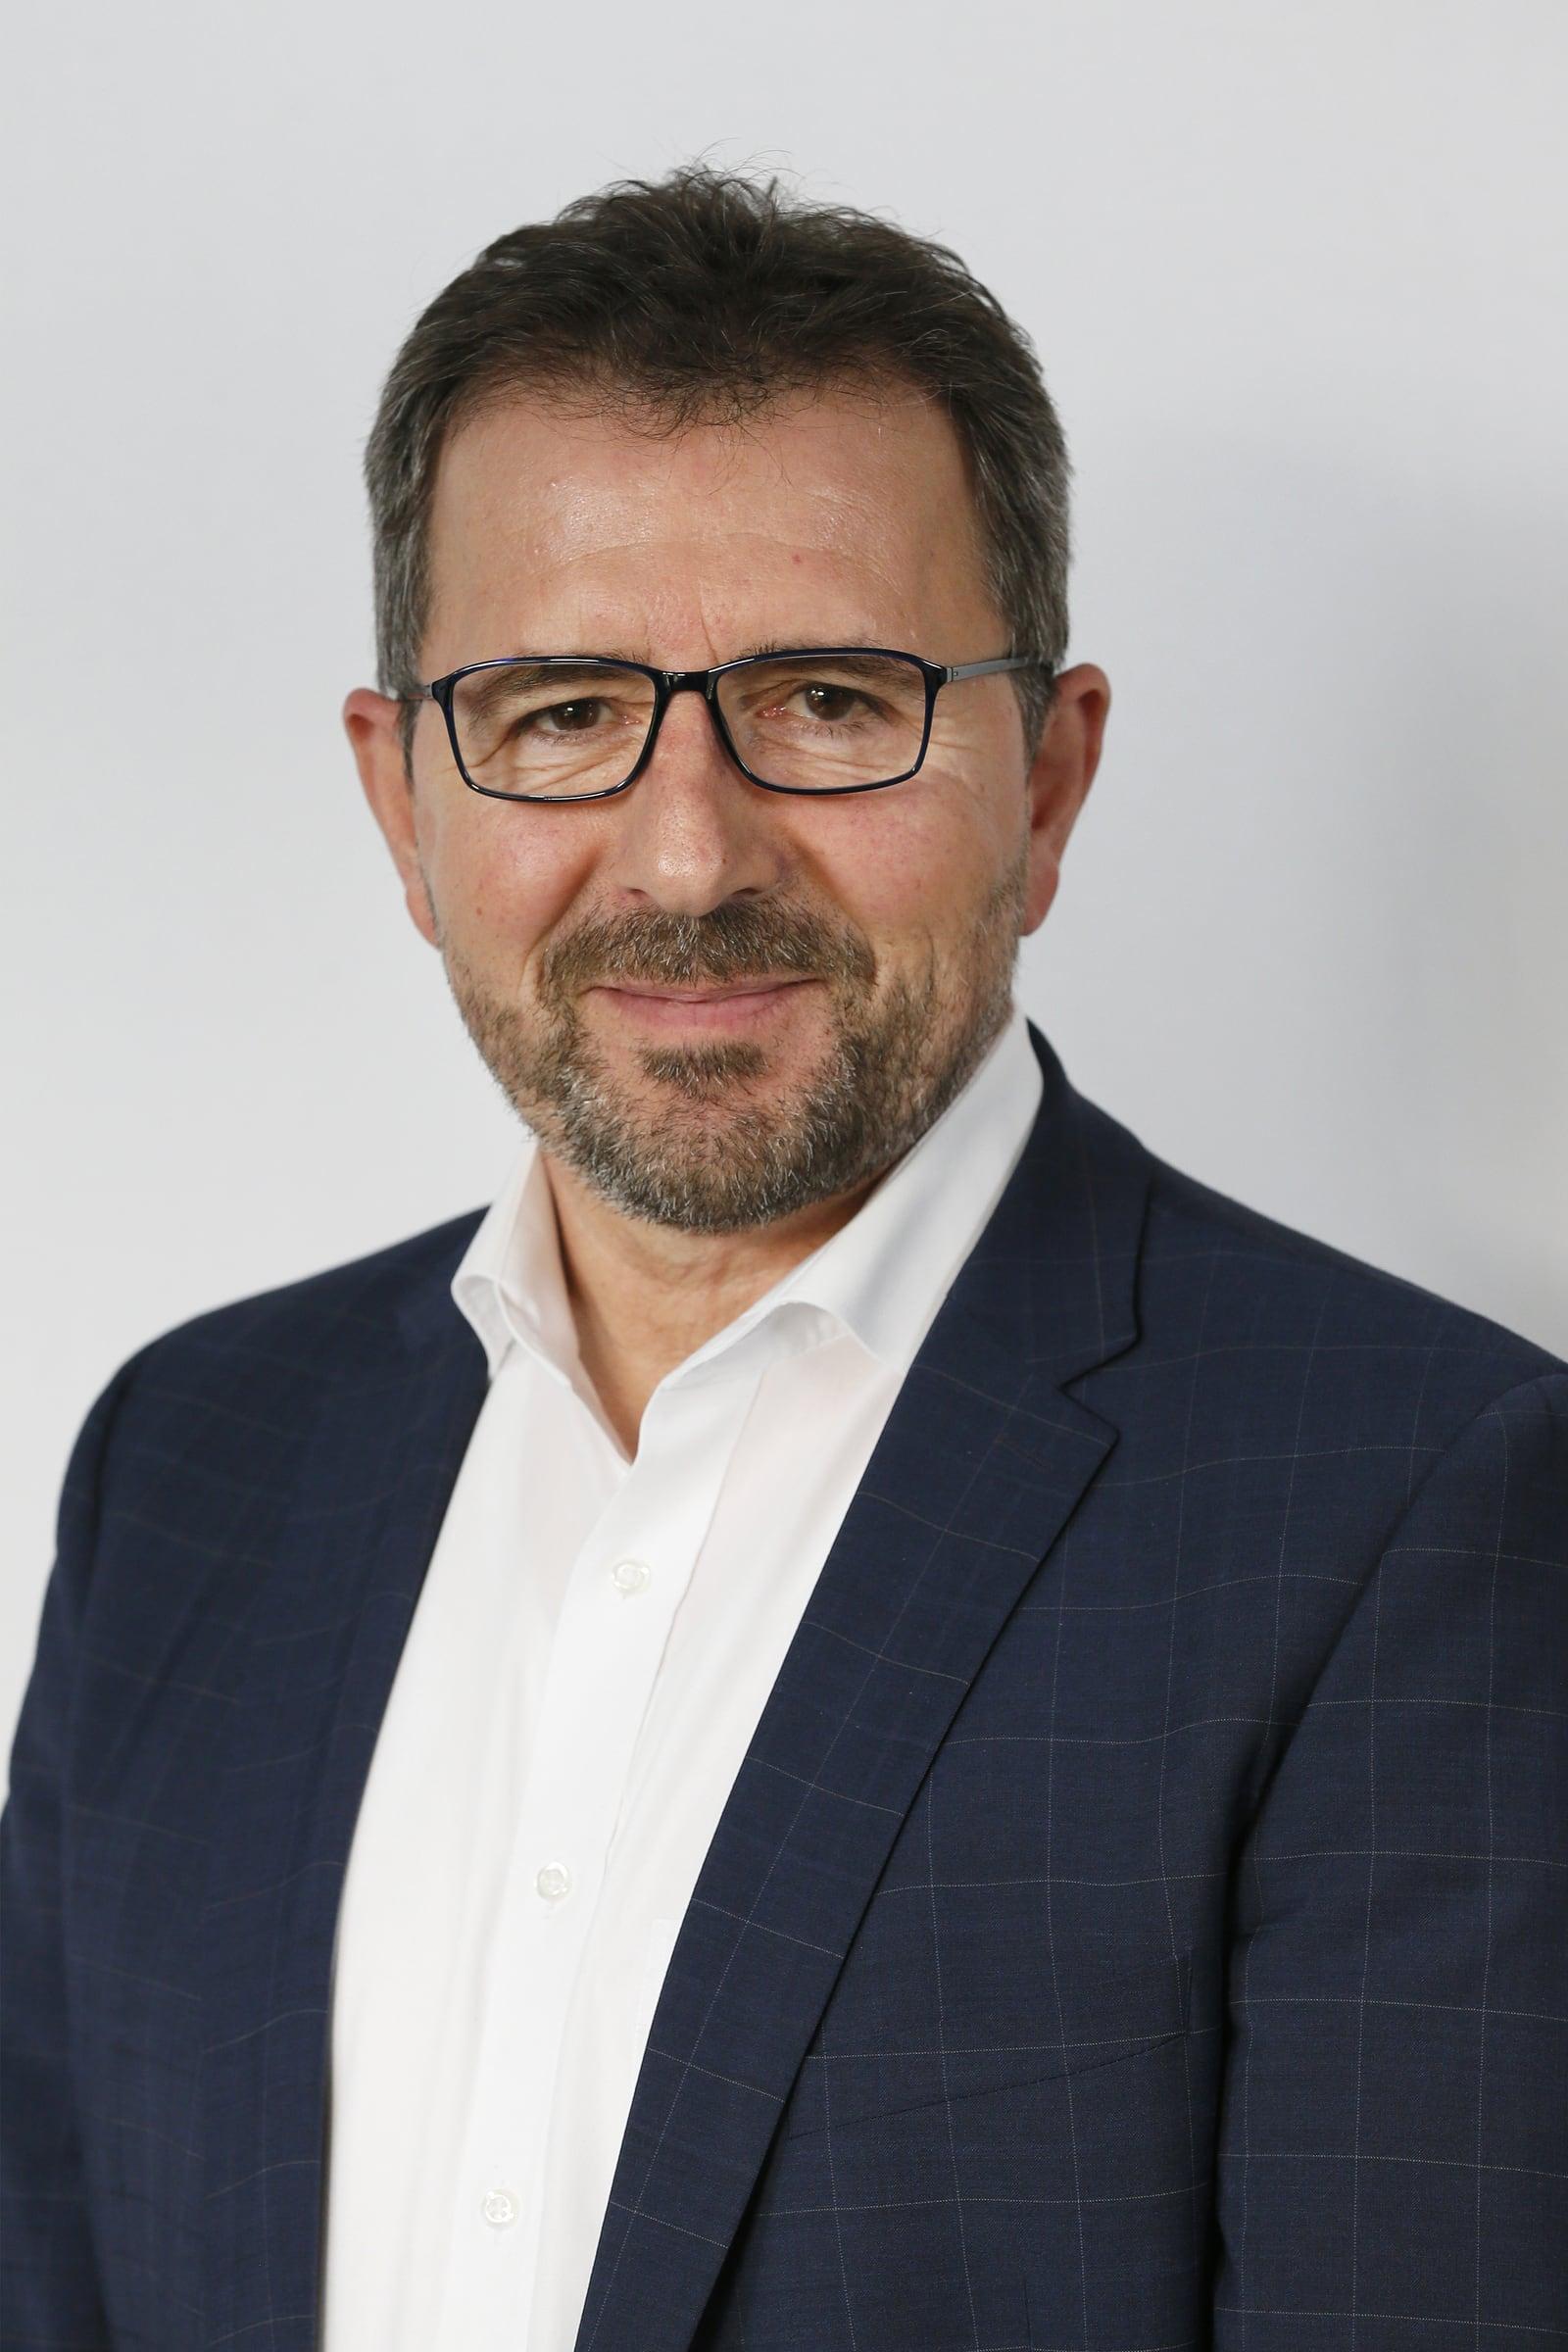 Volker Biewald